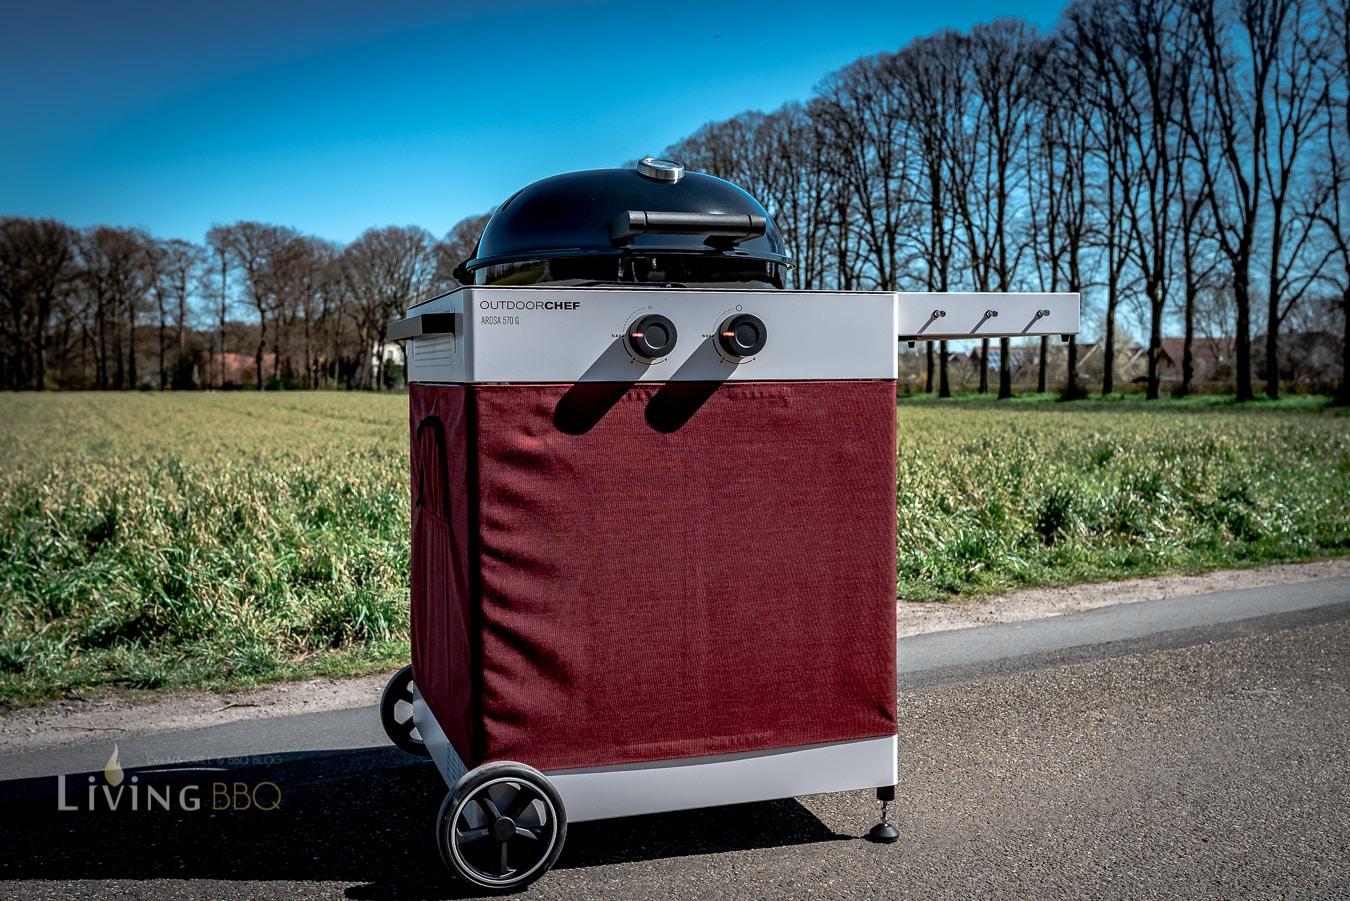 Outdoorchef Arosa 570 G Tex mit Velvet Red Textil